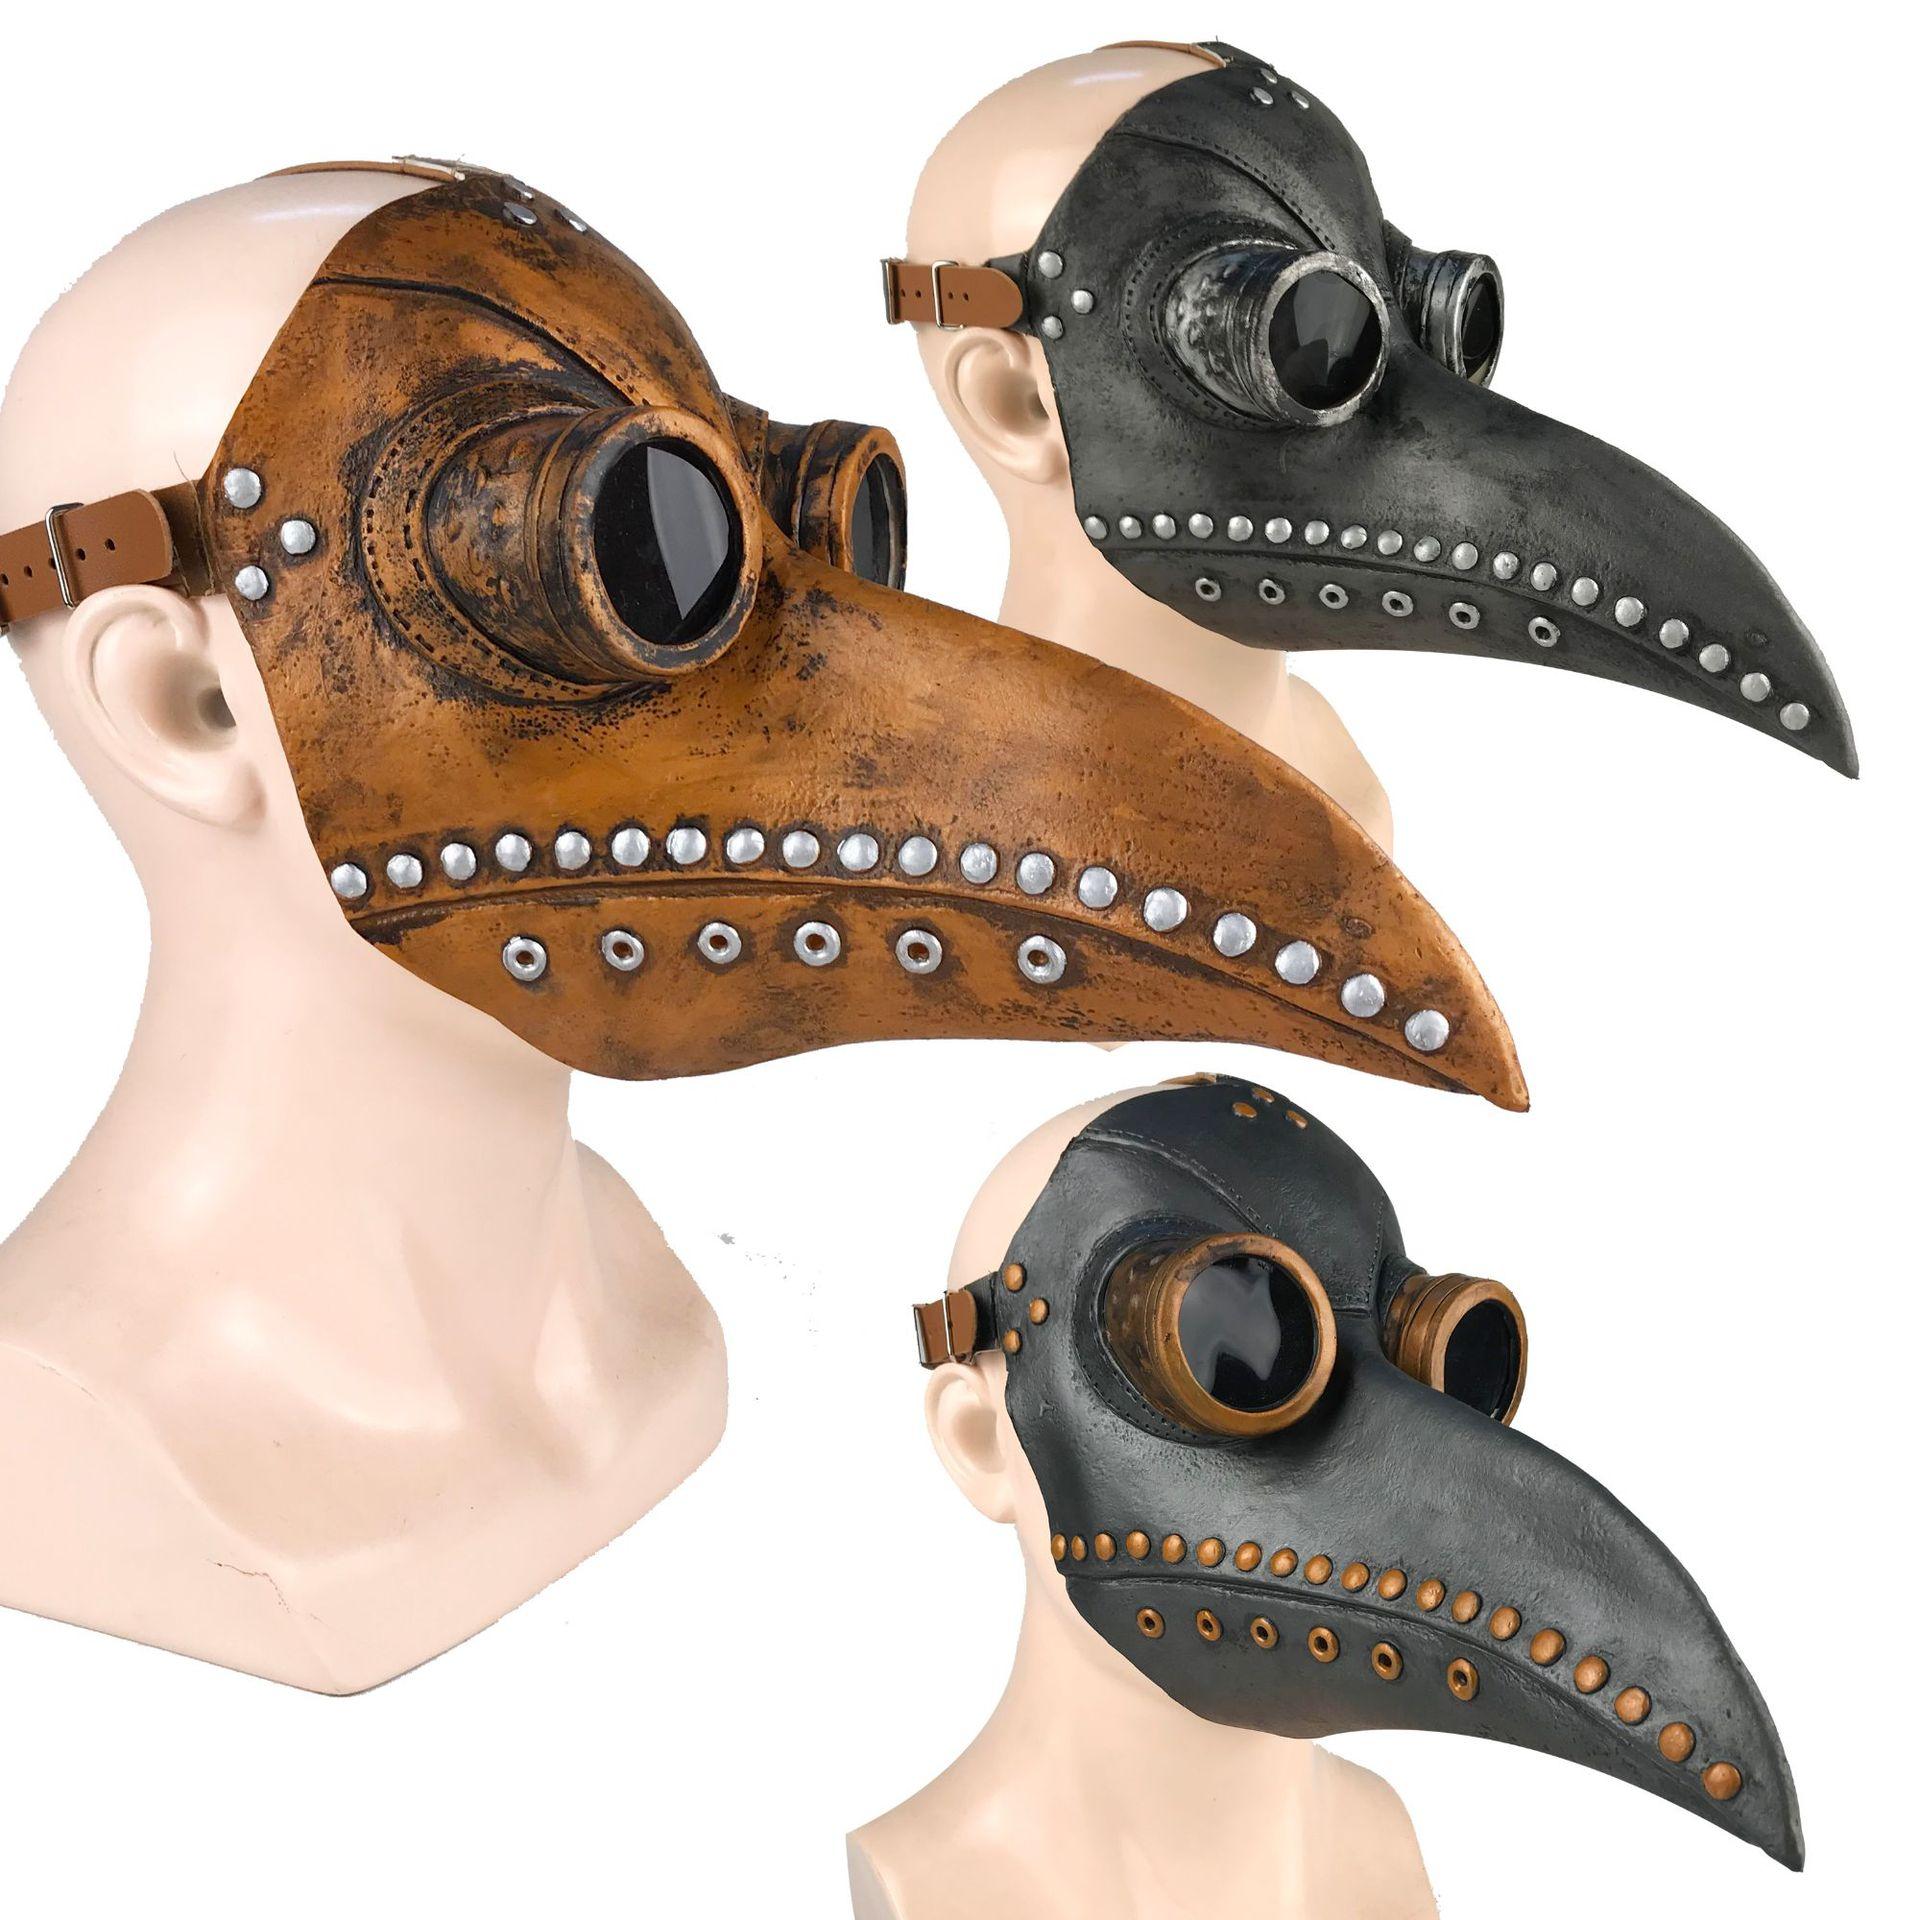 Хэллоуин косплей стимпанк чума доктор Маска птица клюв реквизит ретр готика Маскаs - фото 9813b47e-7a07-4e97-b457-a4d7de3edf23.jpg